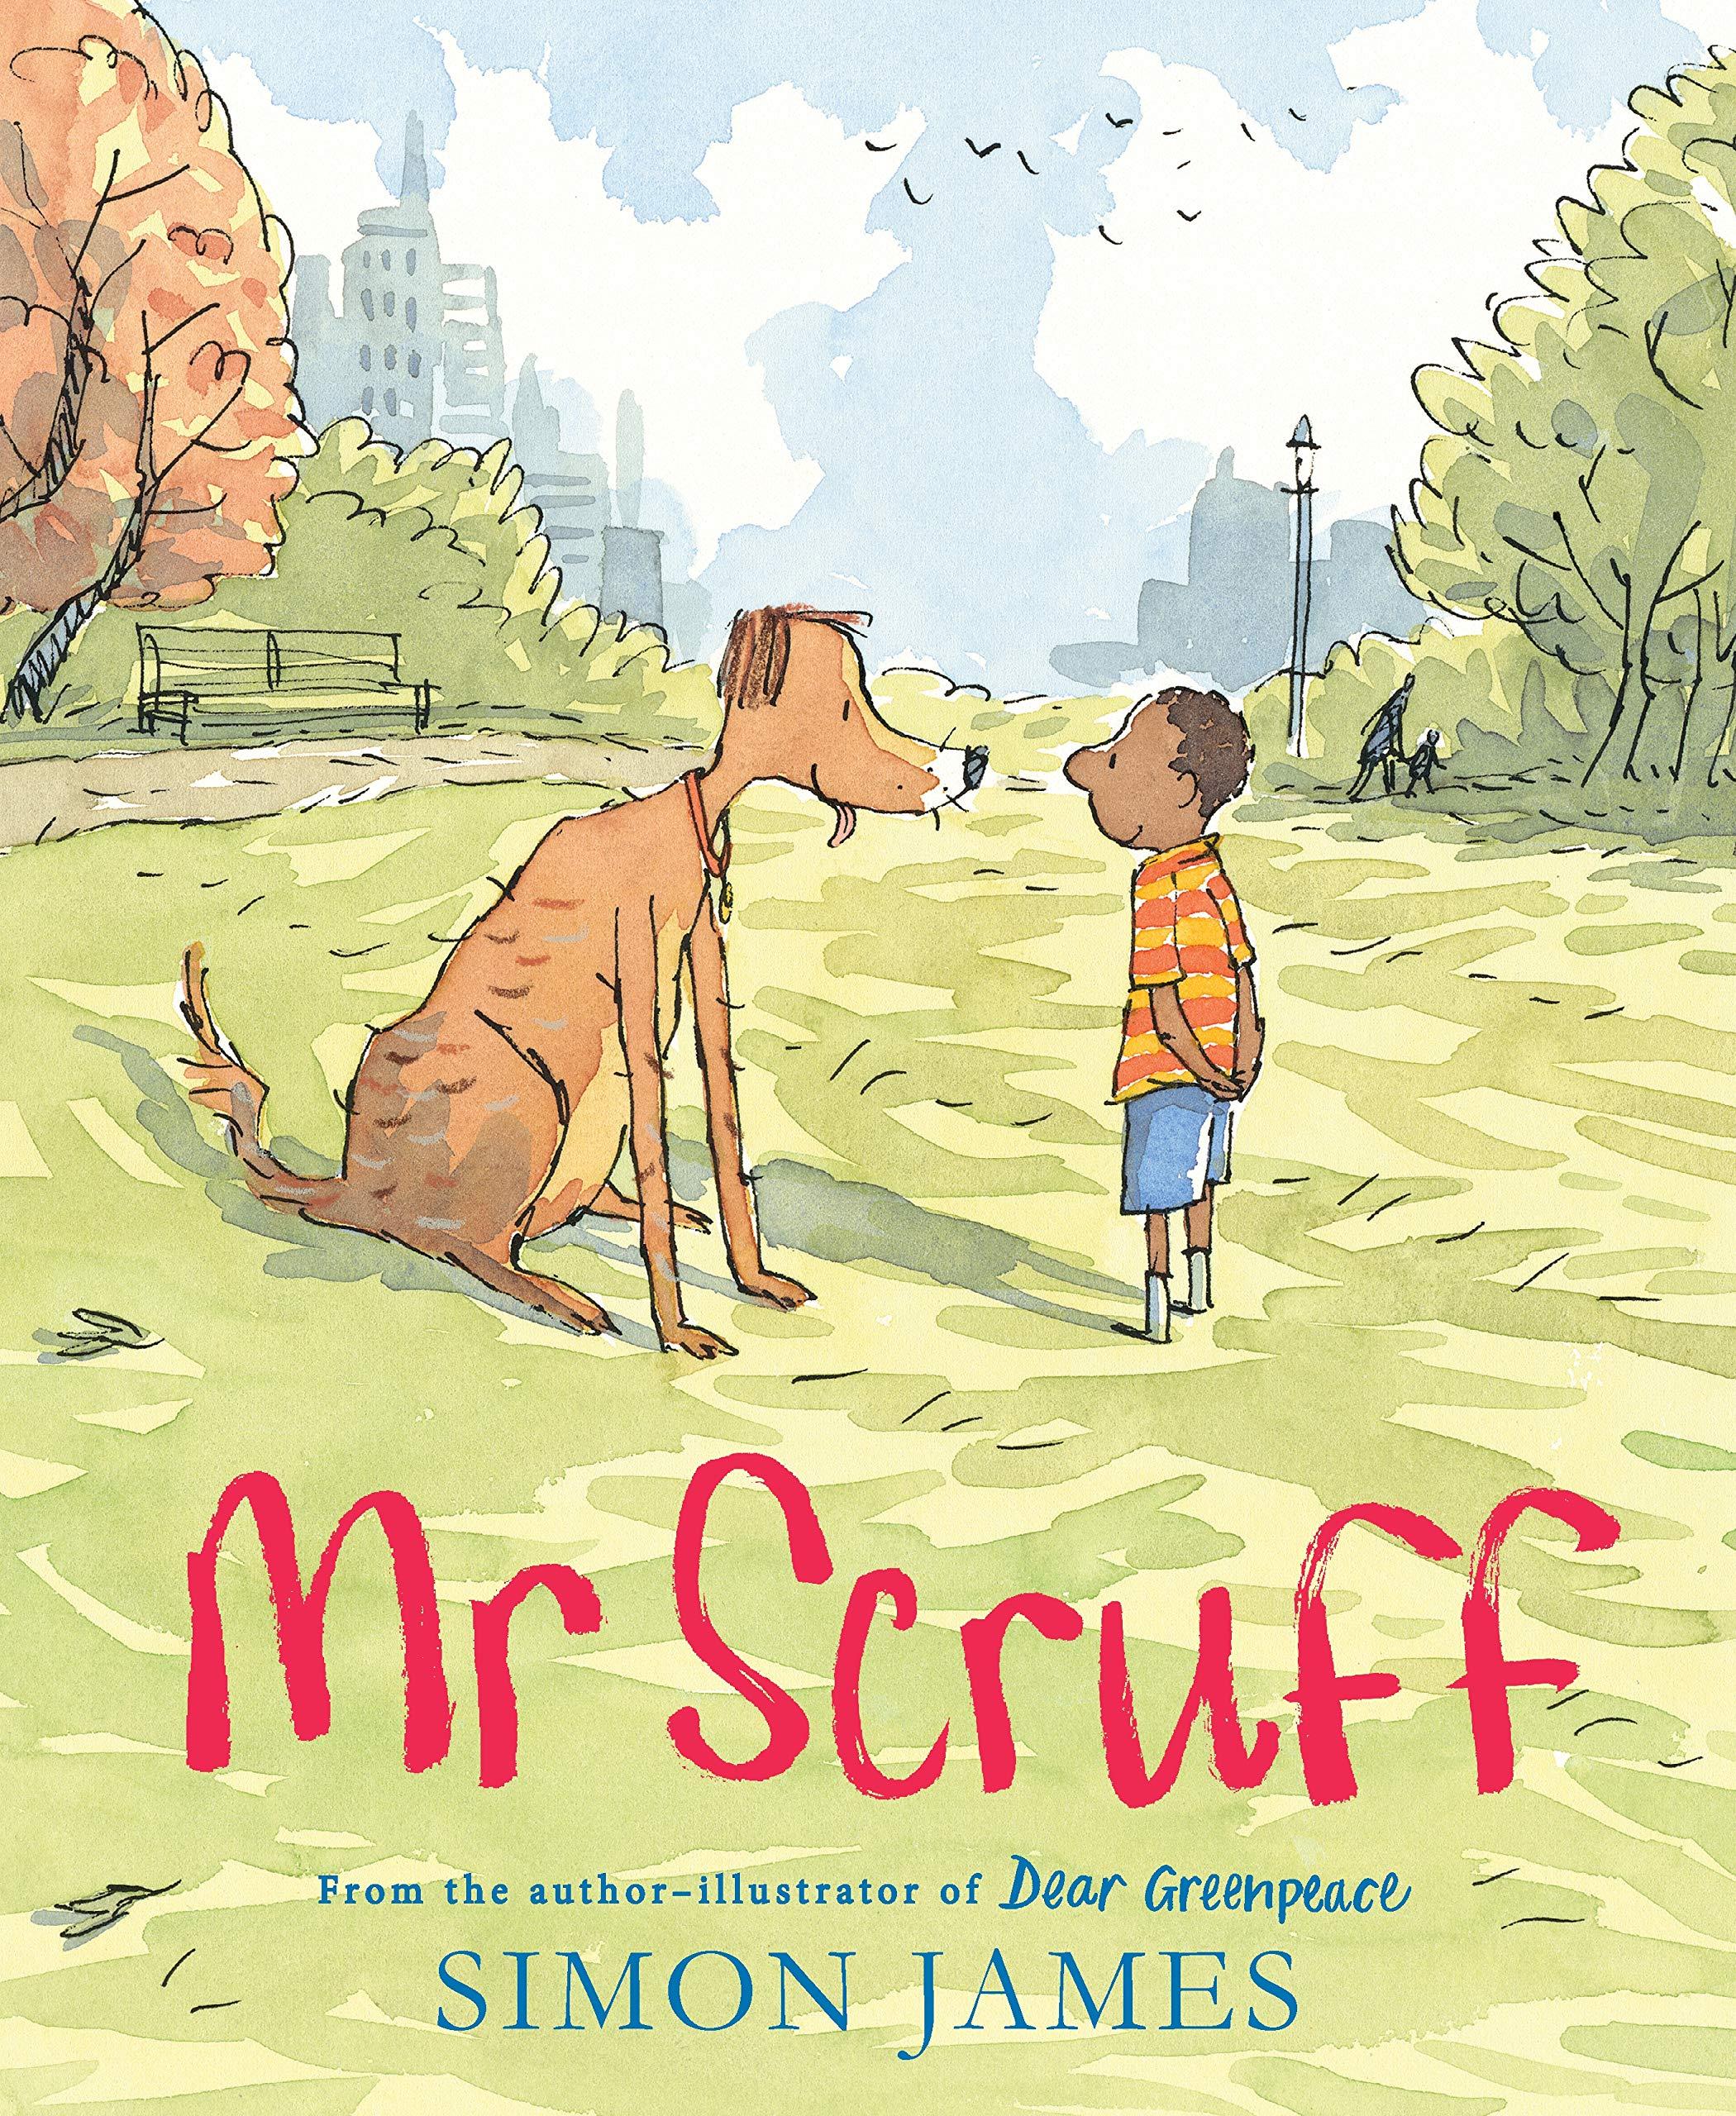 Mr Scruff - Black Protagonists in Books